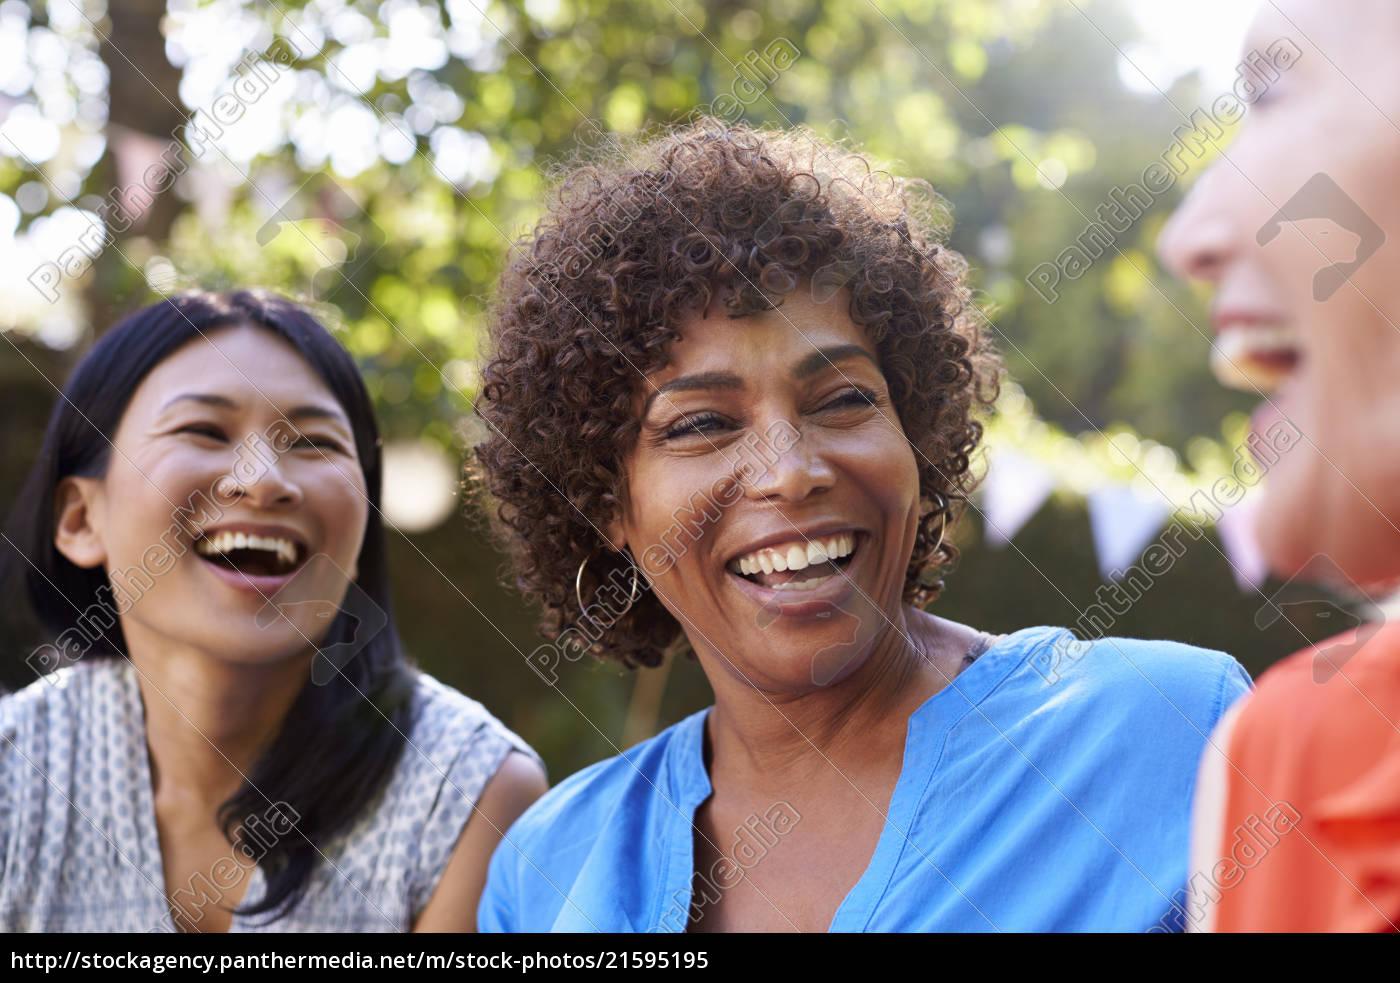 Amigas Maduras royalty free imágen 21595195 - mujeres amigas maduras socializando en el  patio trasero juntos